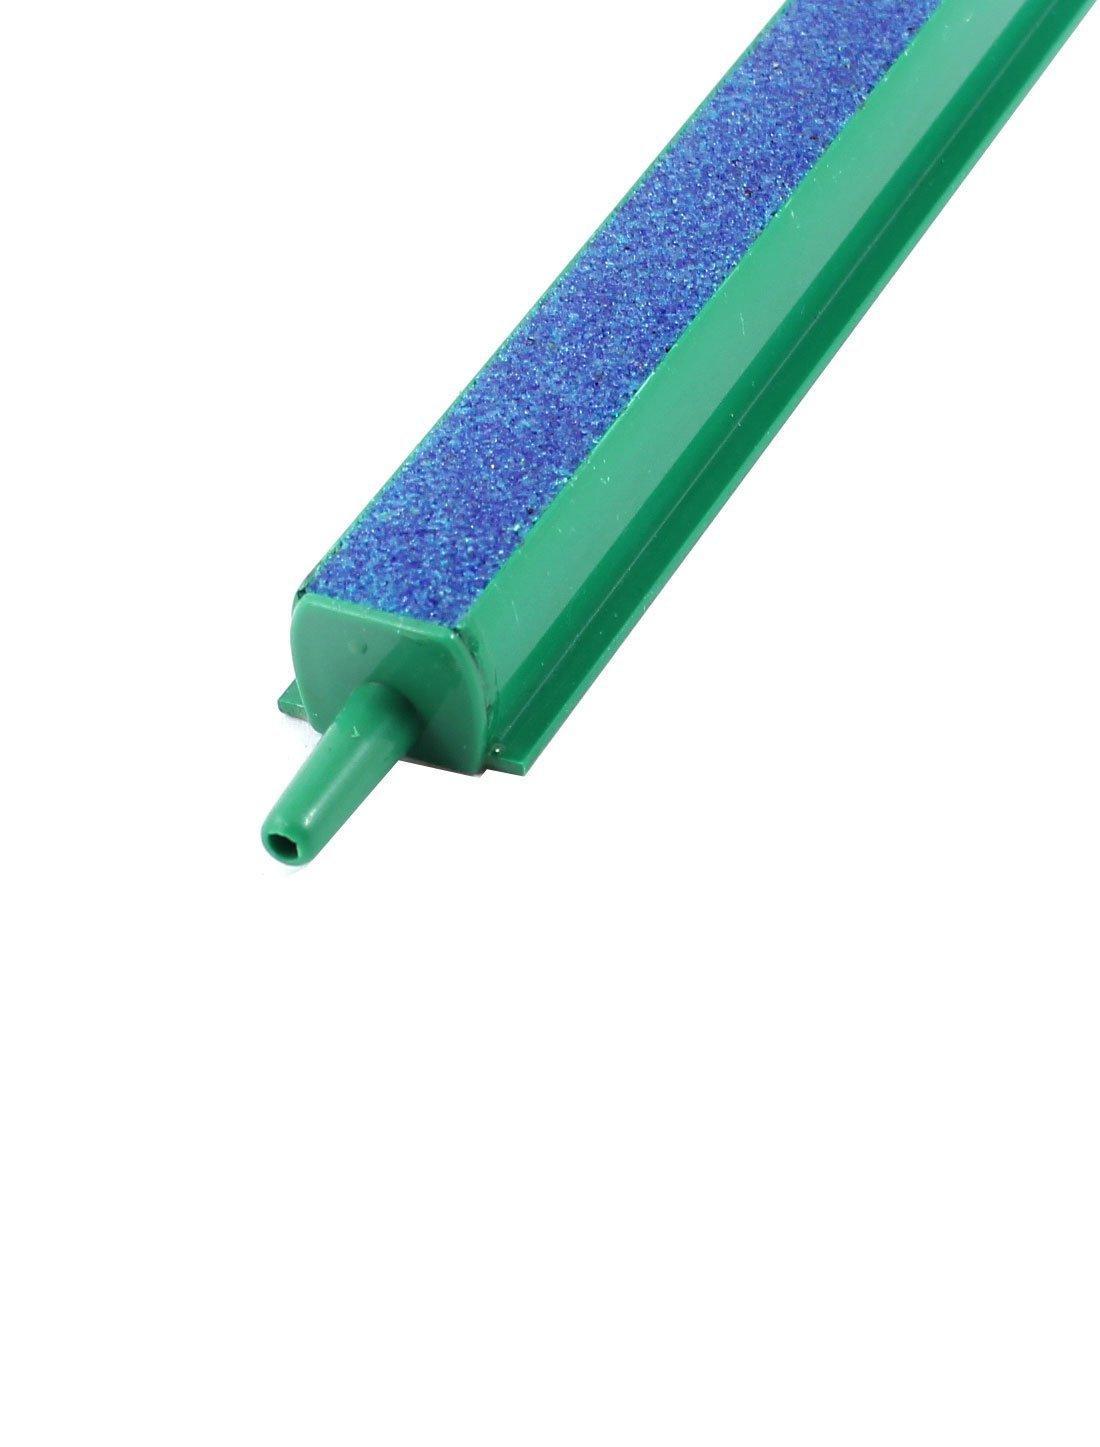 Amazon.com : eDealMax Encerrado tanque del acuario de la burbuja 4, 5 mm Piedra de Salida de aire DE 8 pulgadas Azul Verde : Pet Supplies